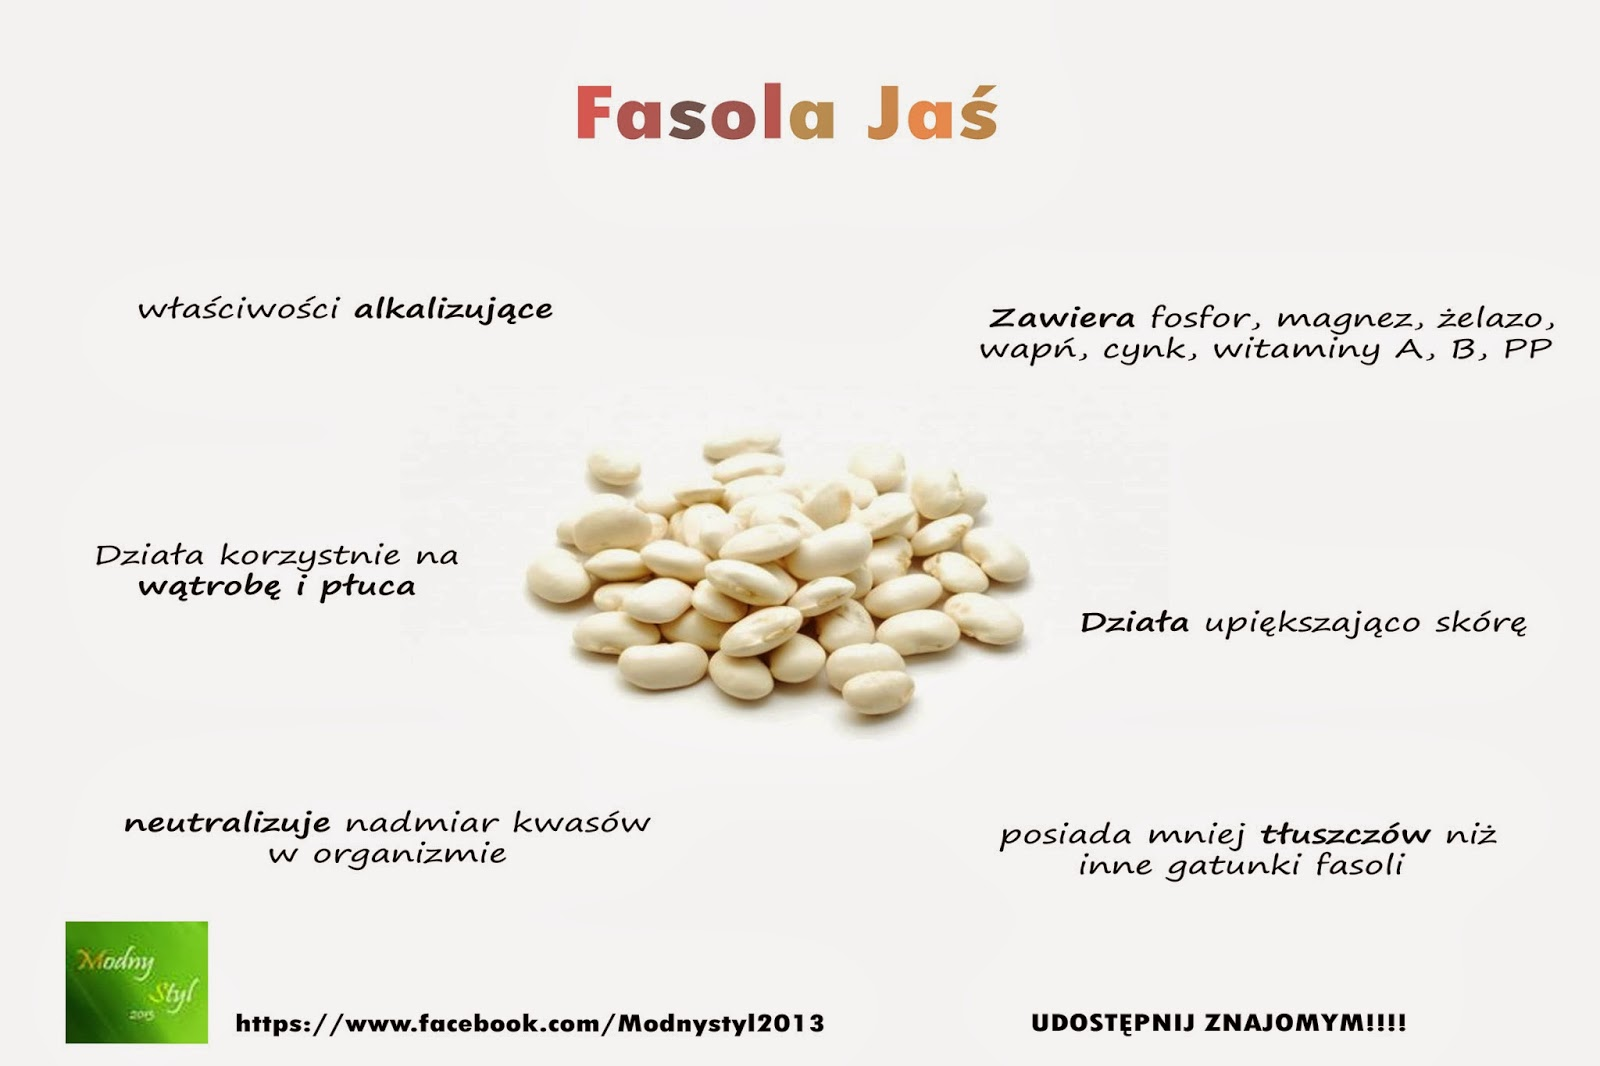 Fasola Jaś